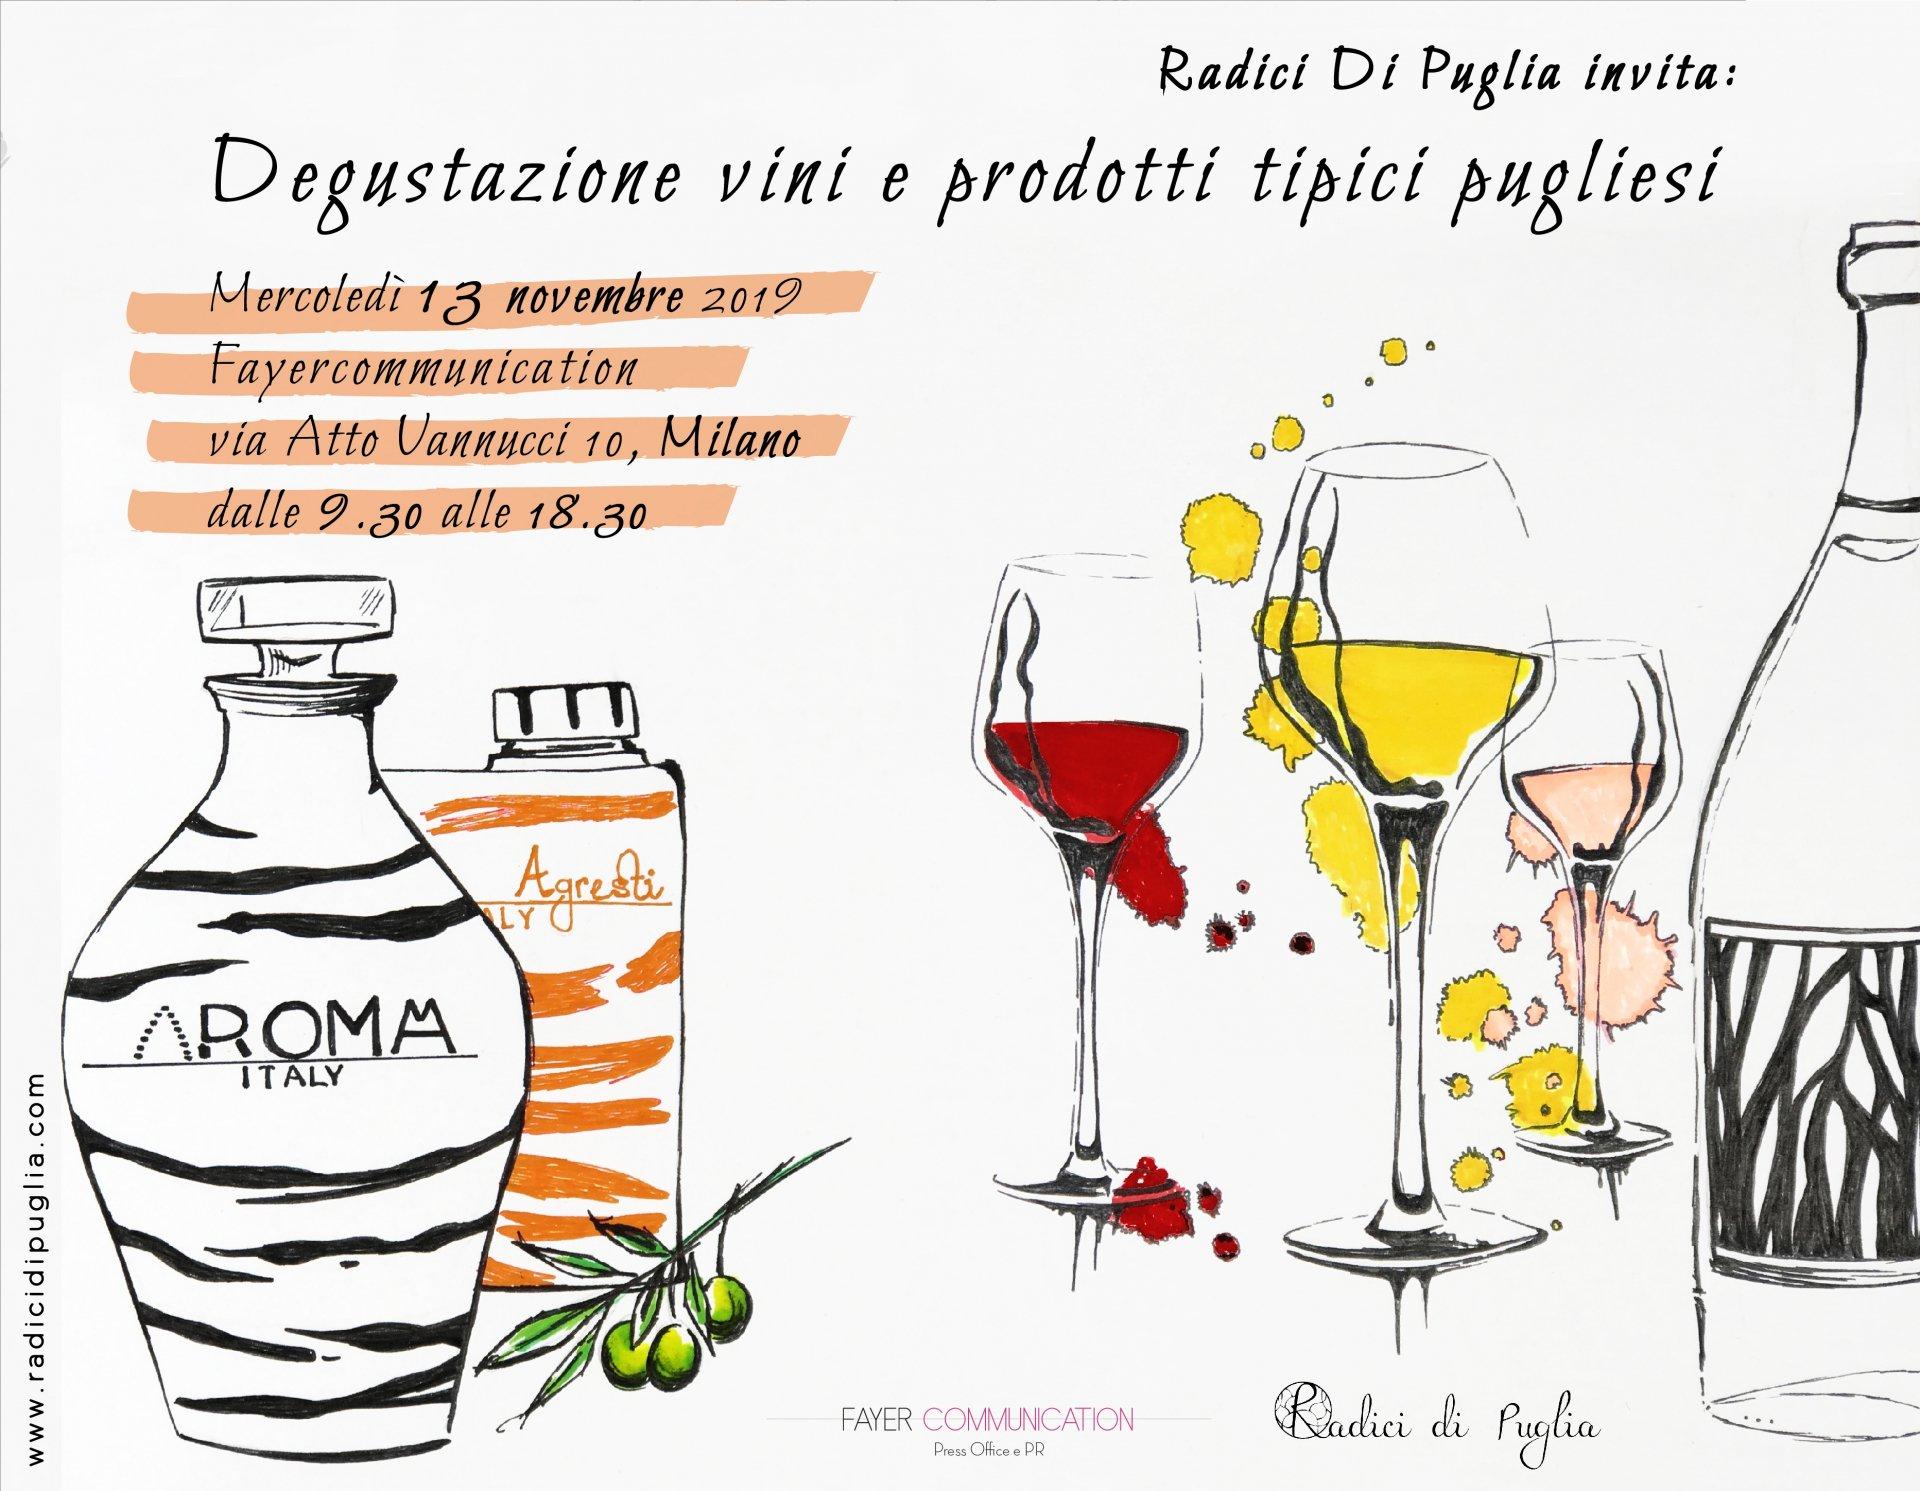 Agrolio, dalla Puglia a Milano: oli, vini e altri prodotti del territorio in uno show room dedicato